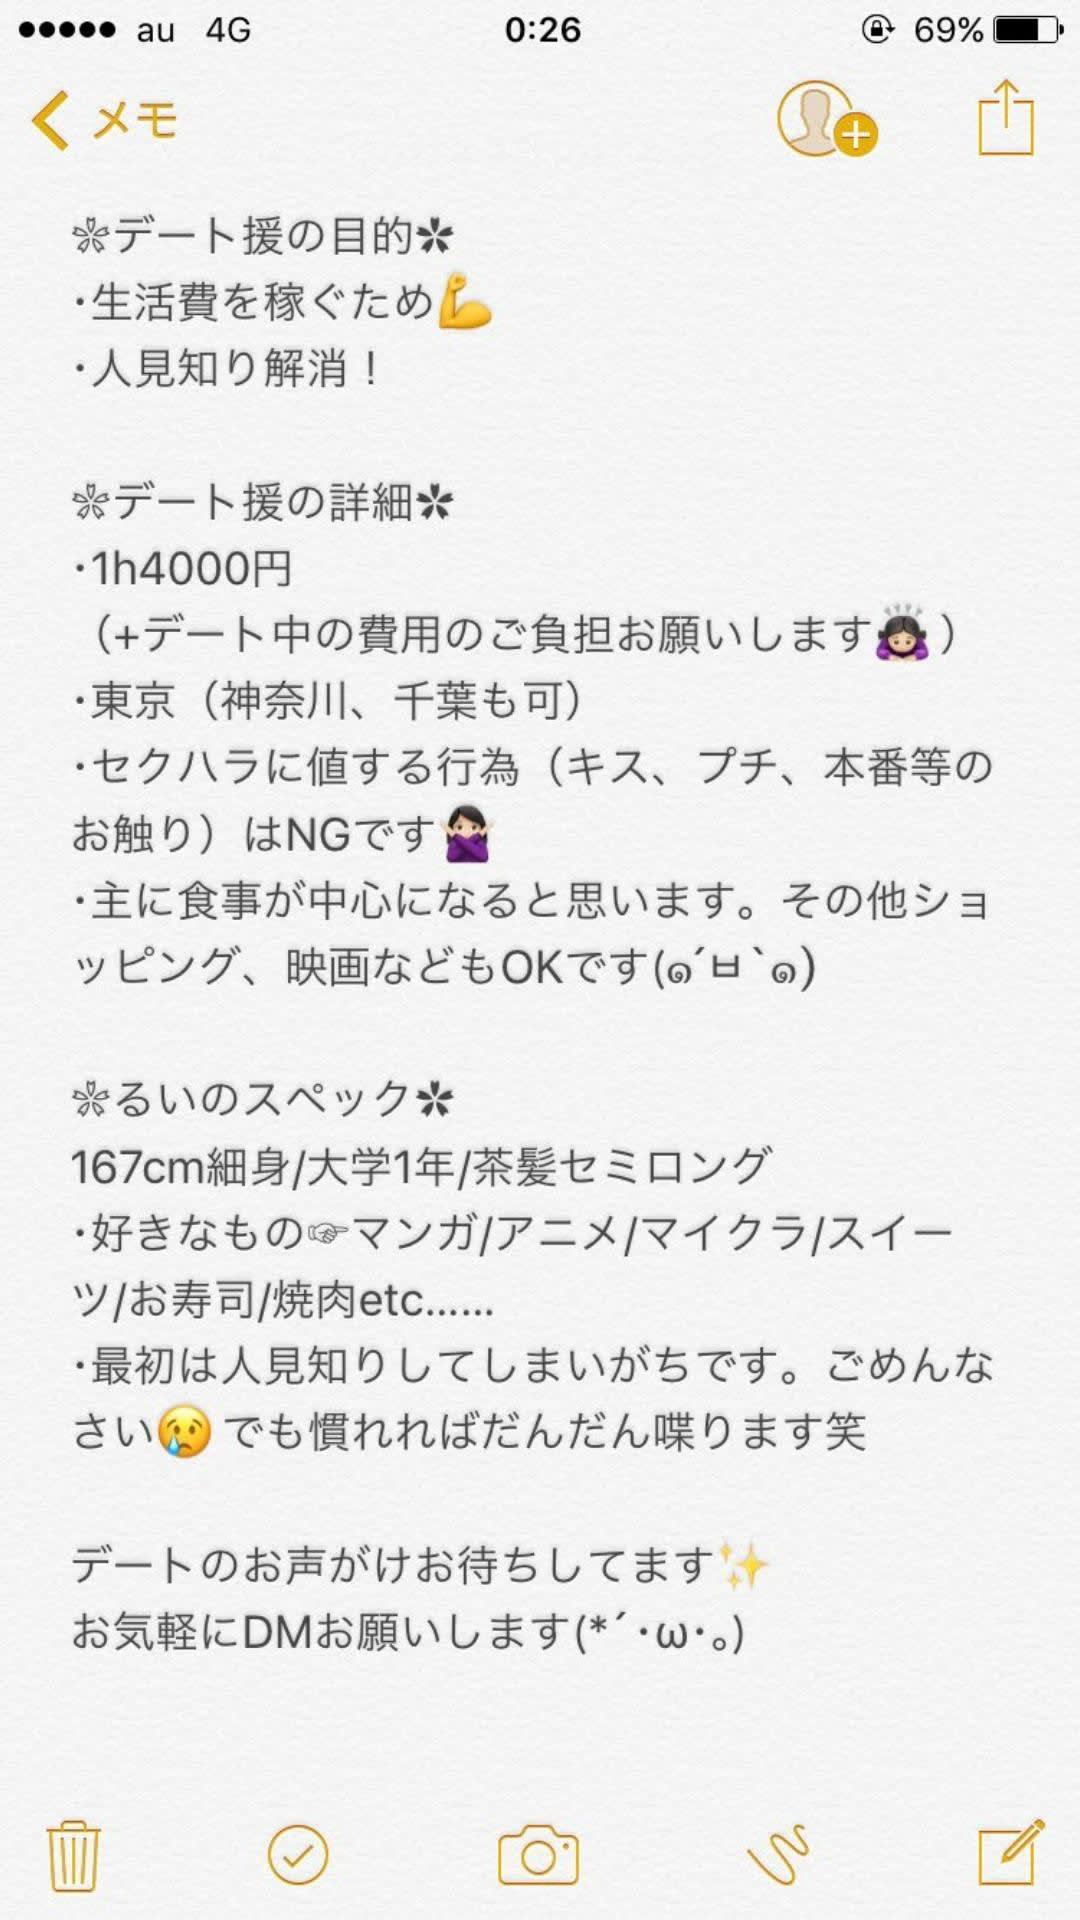 【悲報】 女子大生さん、「飯を食わせてくれたら4千円貰ってやる」等と言い出すwwwwww